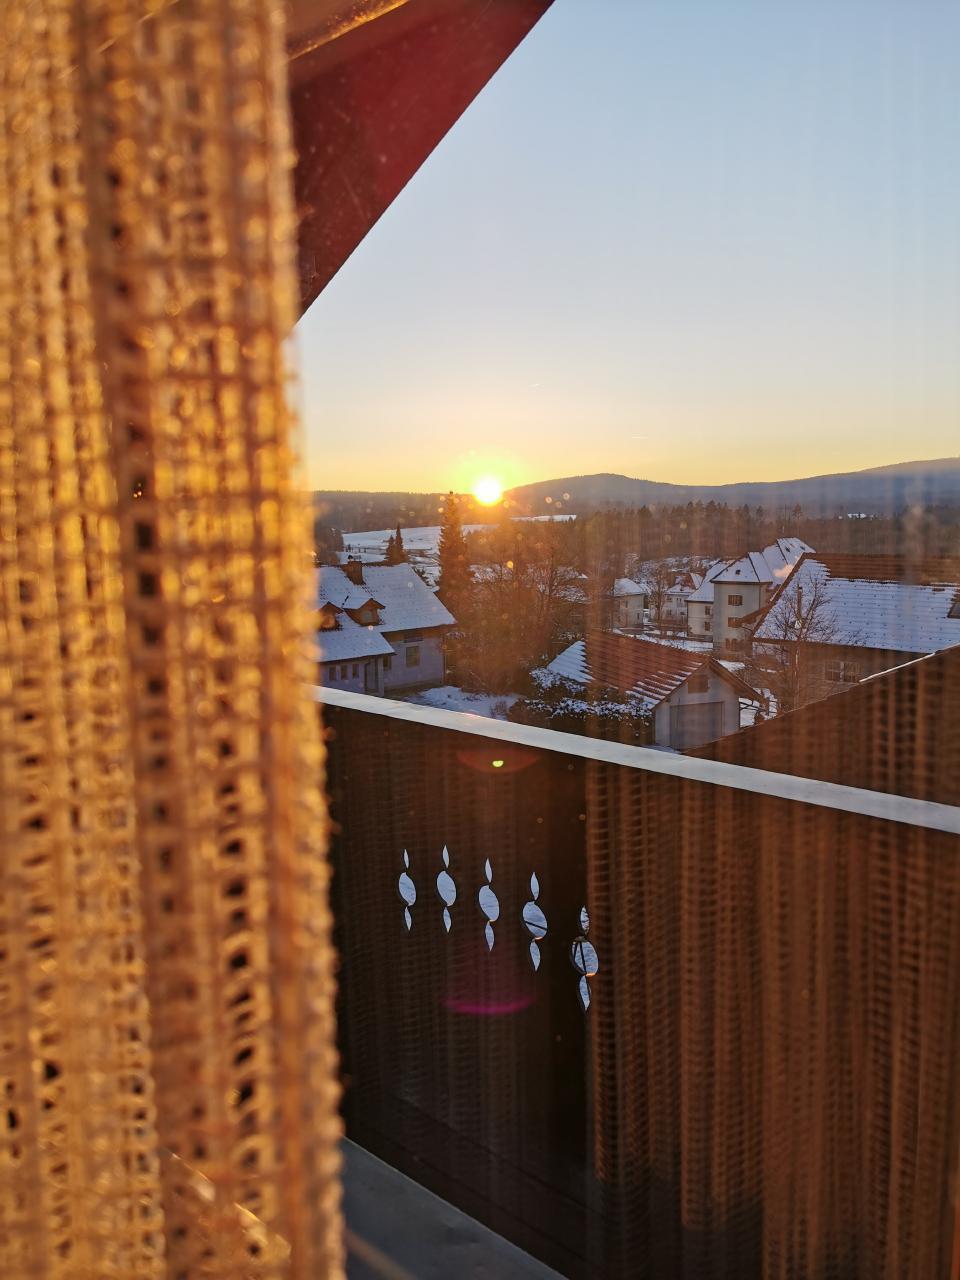 Ferienwohnung Haus Haidweg Wohnung 5 - 3 Zimmer, ca. 90 m² für 2-6 Personen im Dachgeschoss mit Balkon u (238755), Haidmühle, Bayerischer Wald, Bayern, Deutschland, Bild 12